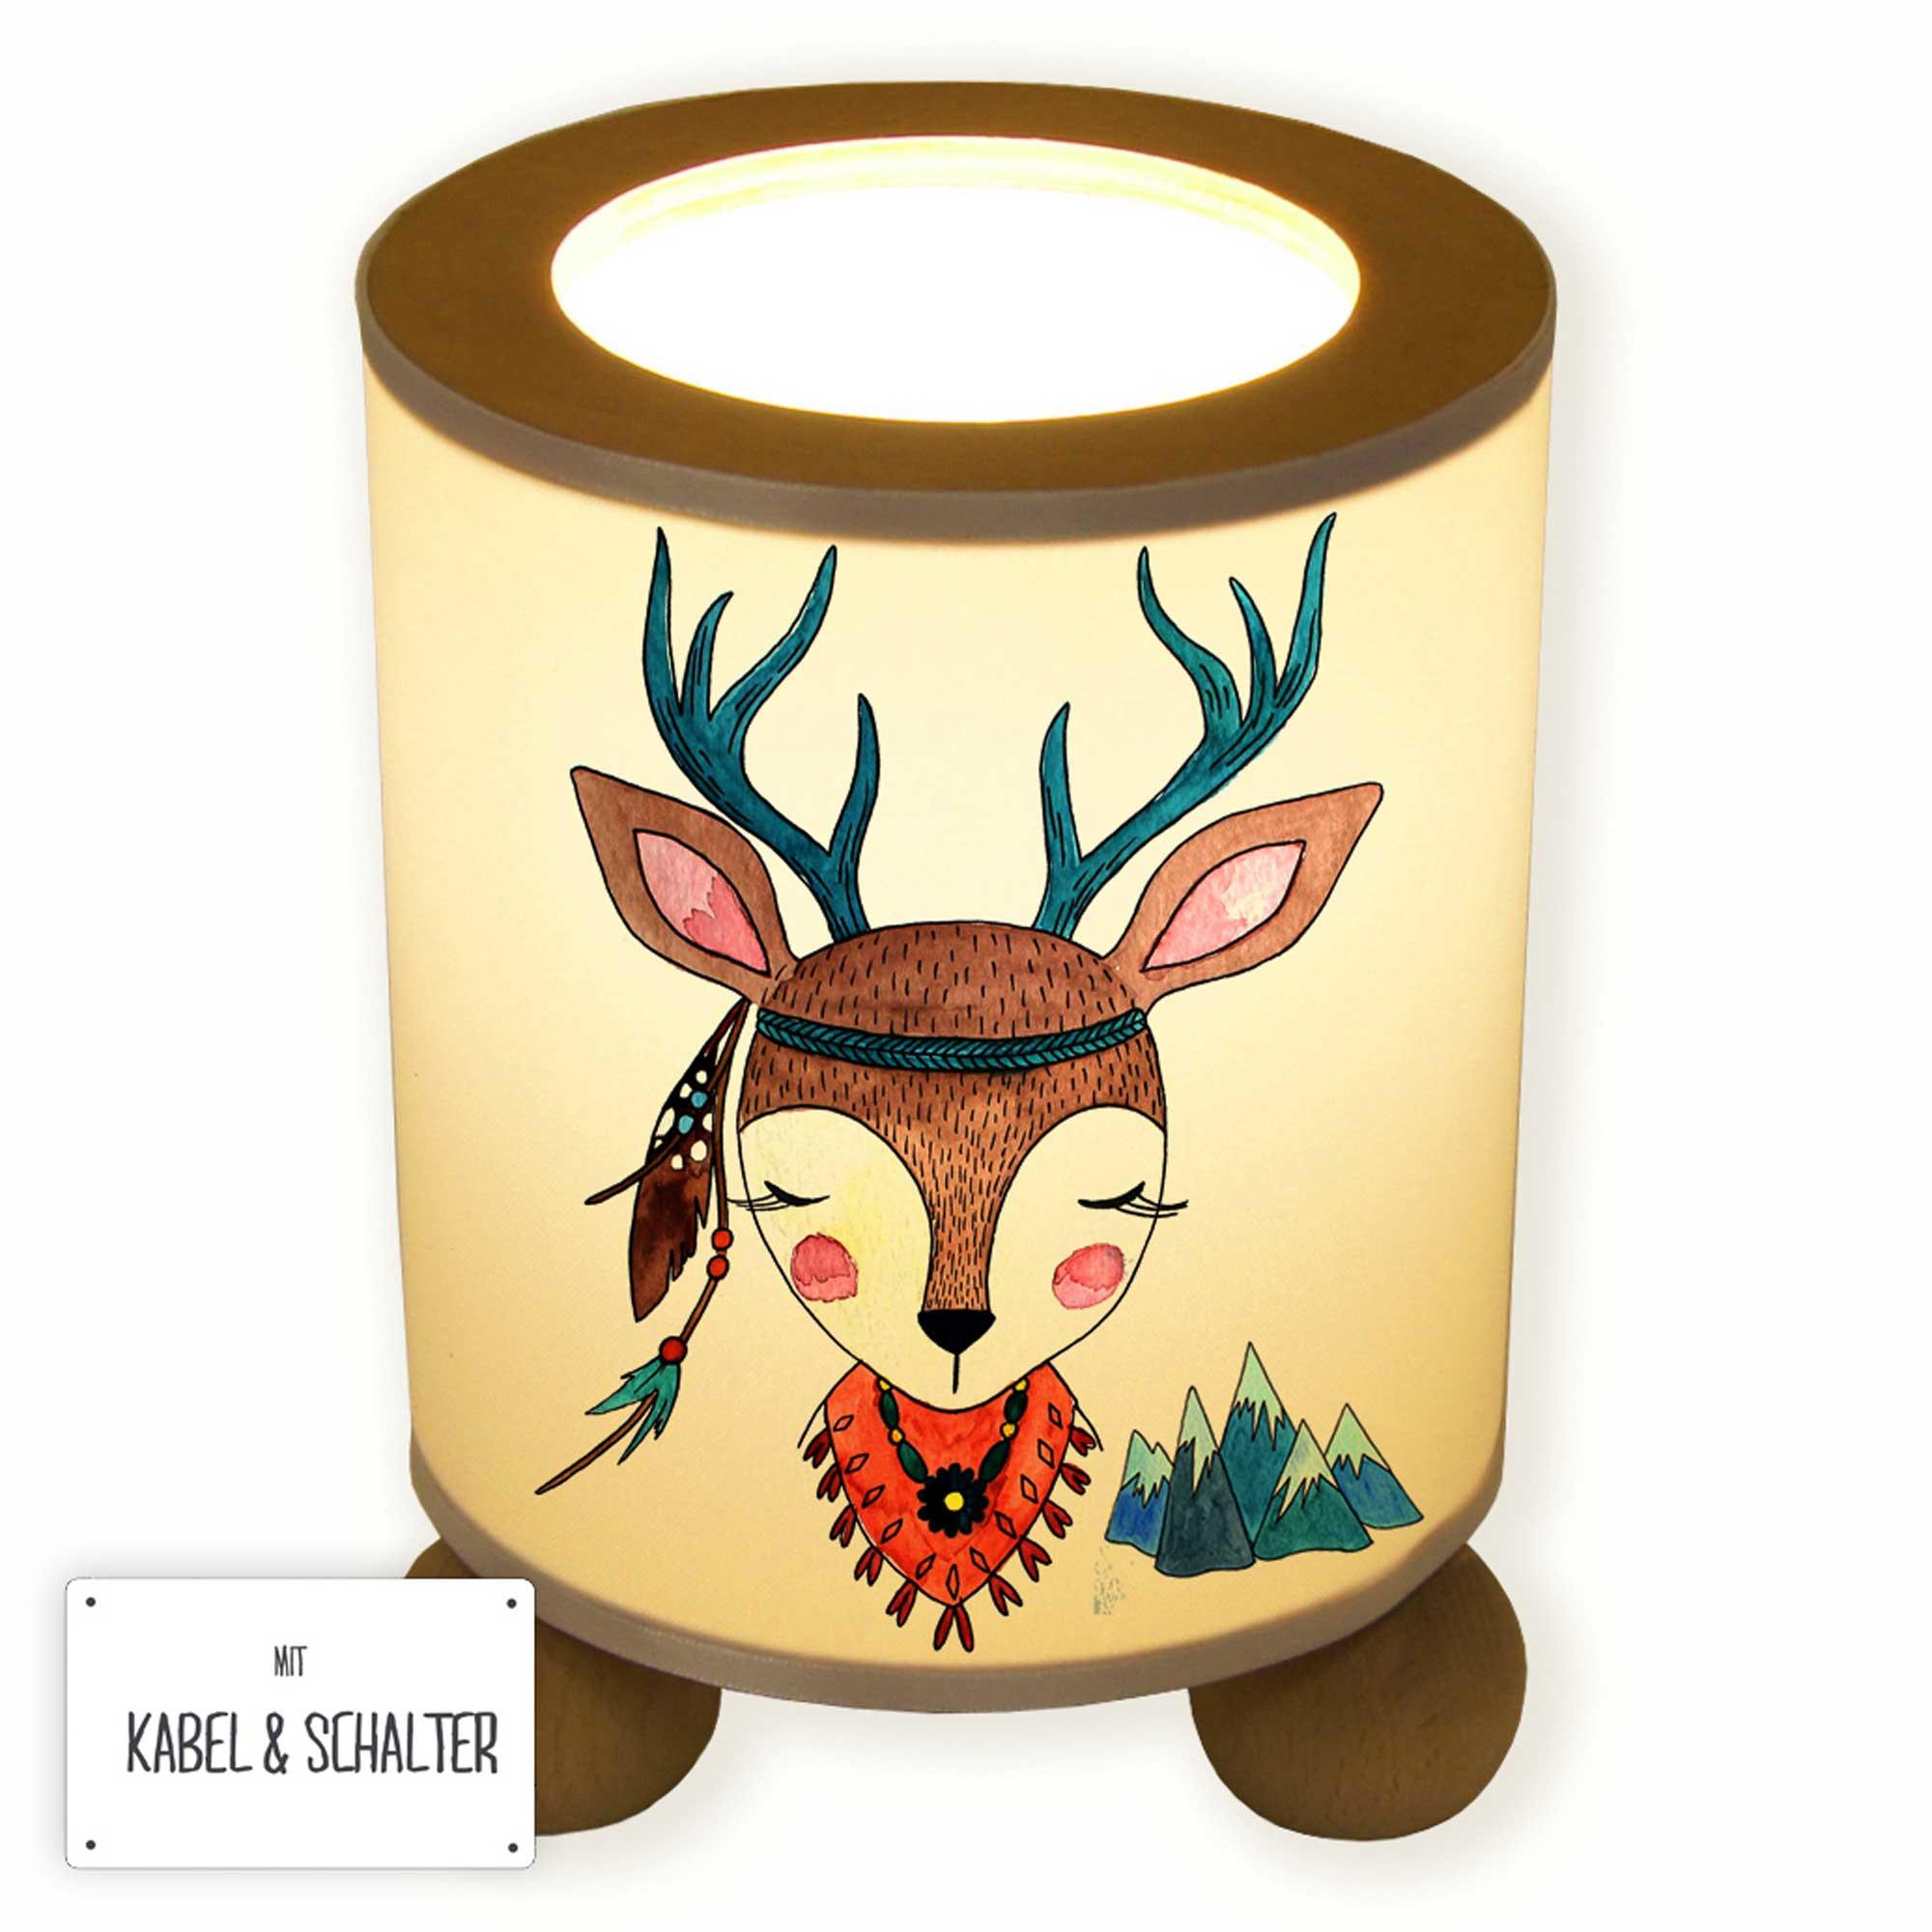 Tischlampe Nachttischlampe Kinderlampe Schlummerlampe Lampe Reh Hirsch Madchen Hirschmadchen Indianer Boho Table Lamp Reading Light Snooze